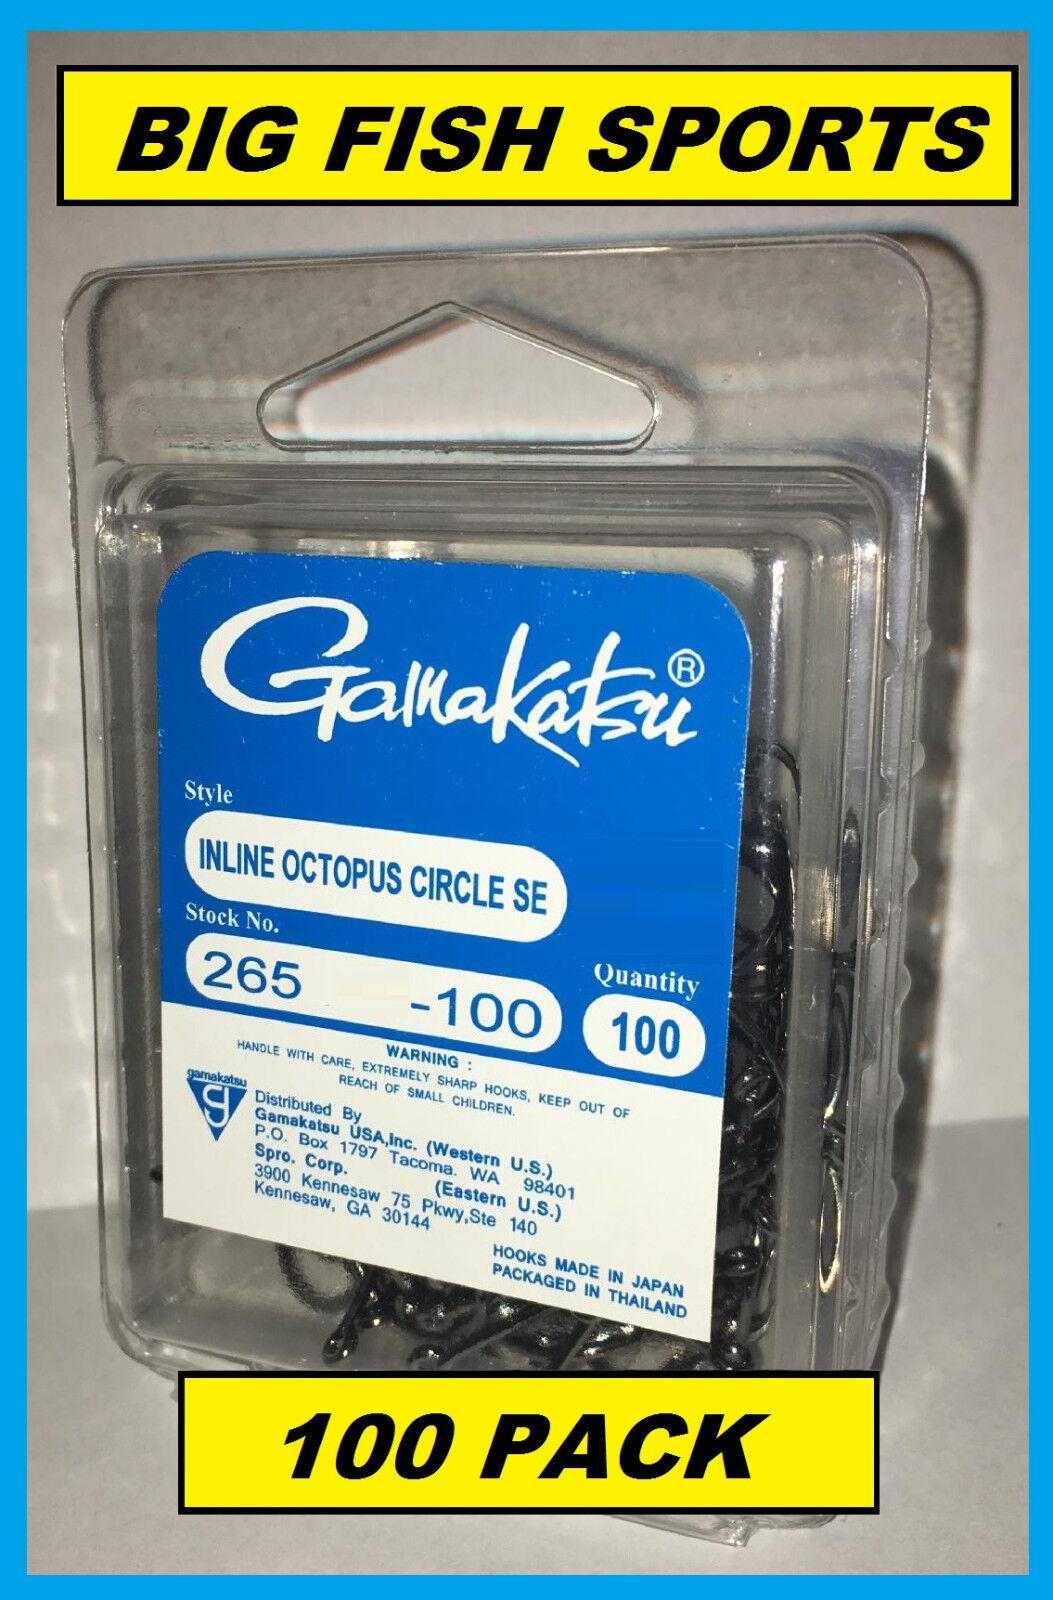 GAMAKATSU FISHING HOOKS SALTWATER  INLINE OCTOPUS CIRCLE SE HOOK 265413-25  #3//0